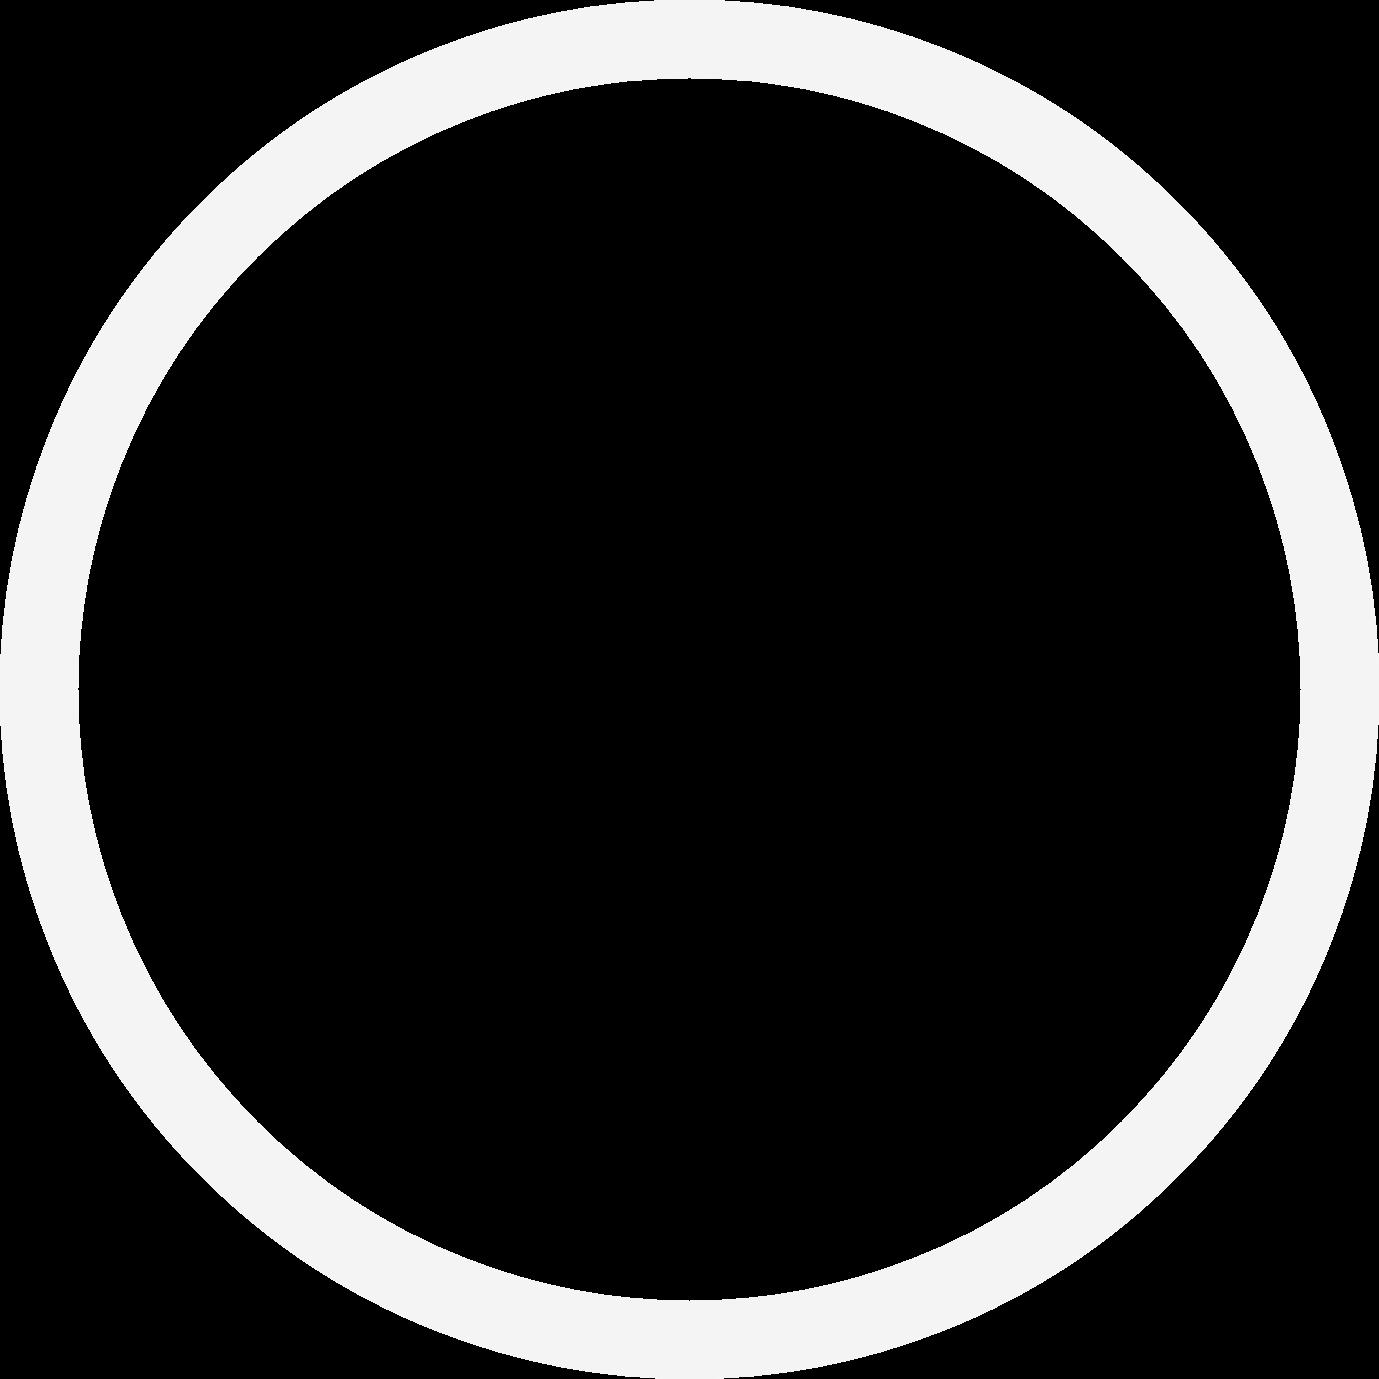 500 orange circle bg